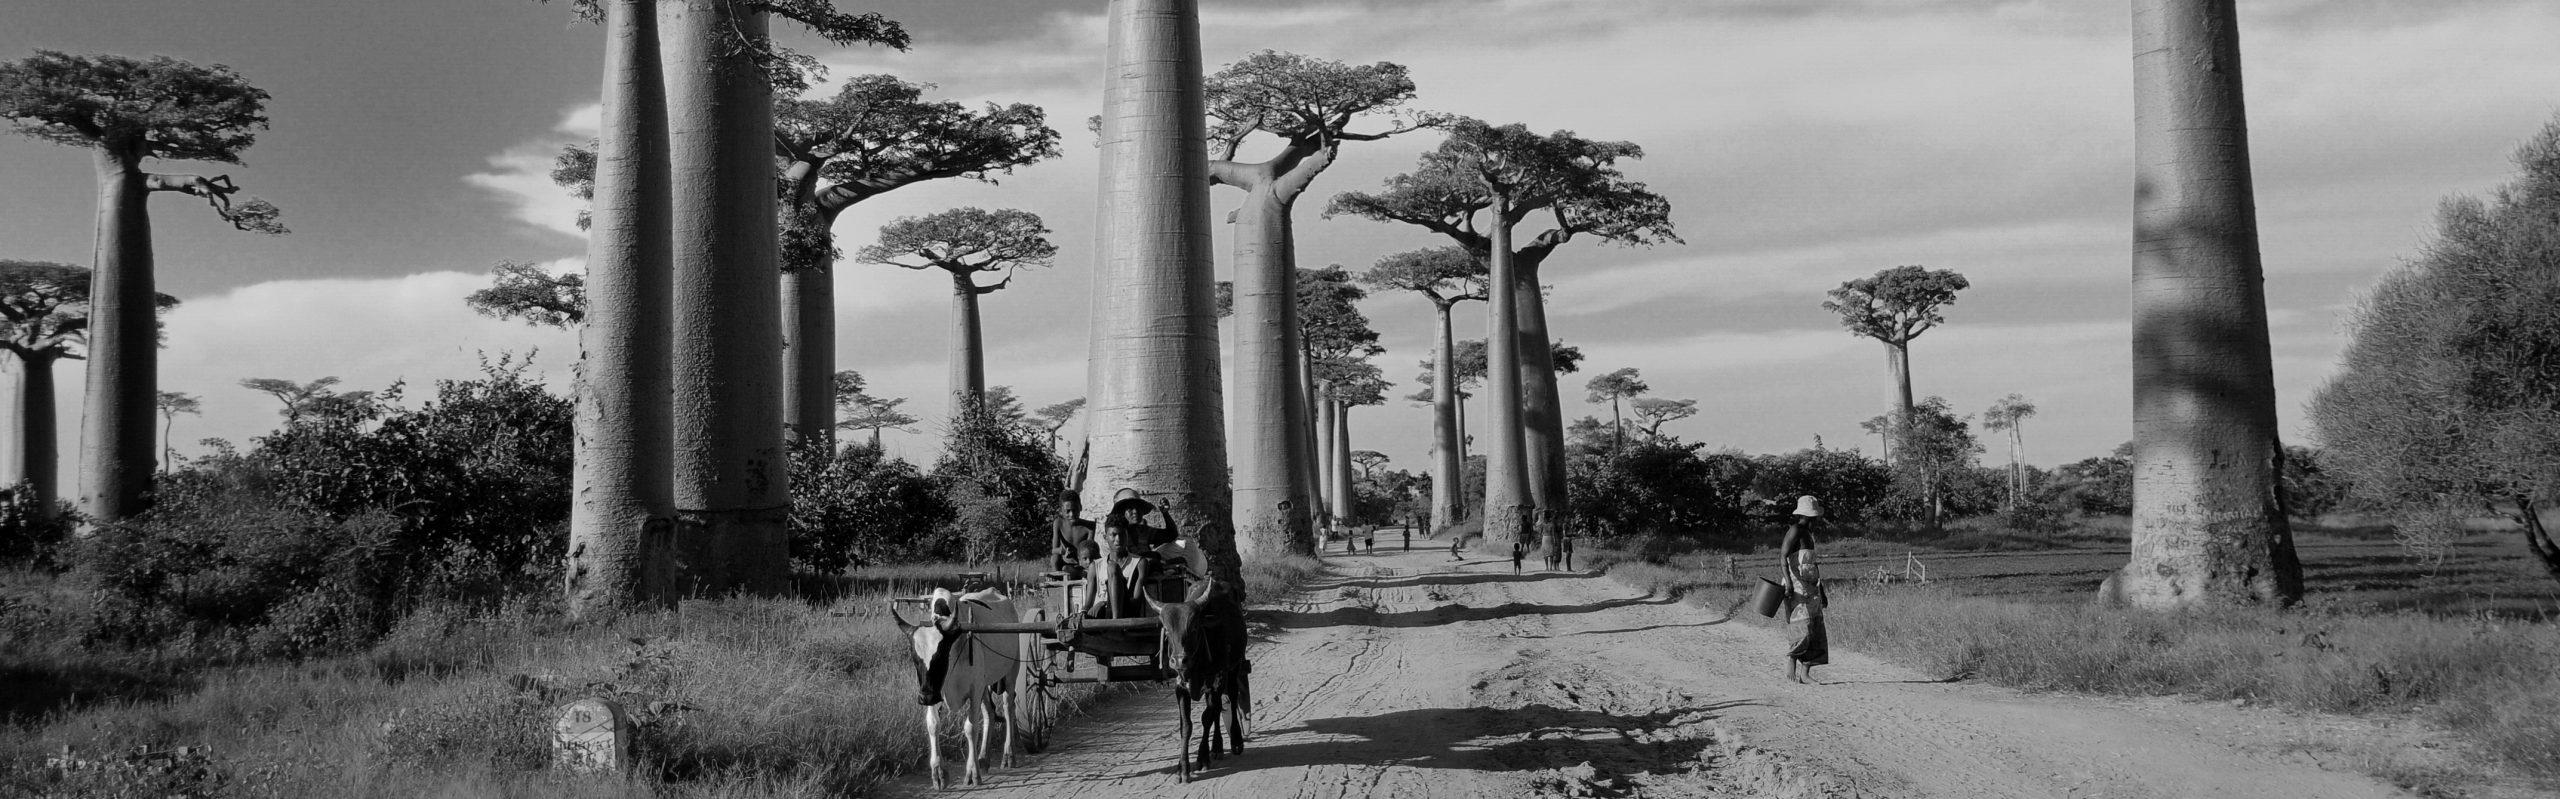 IndigoBe Madagascar